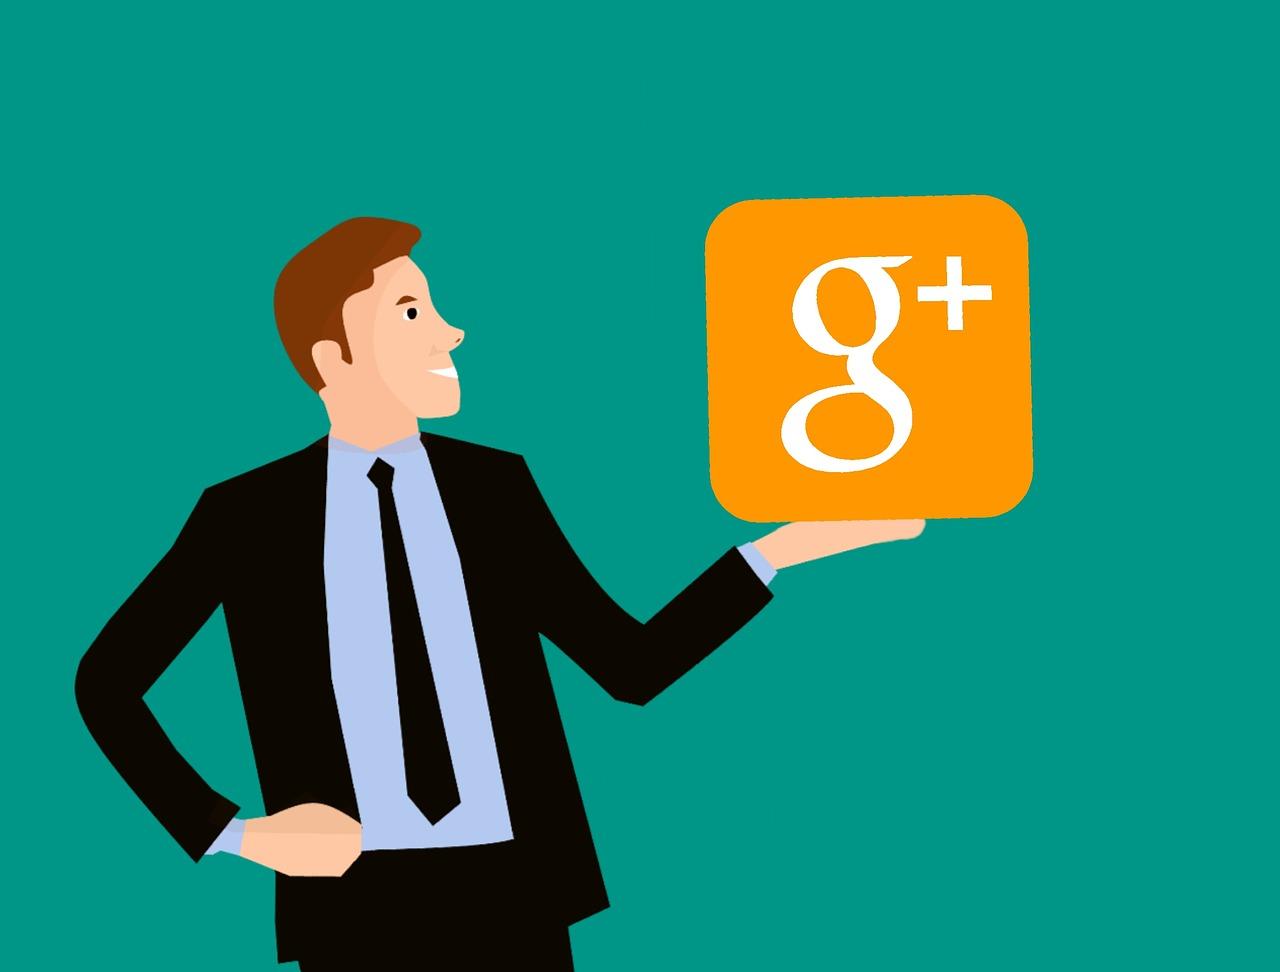 Googleアドセンスの申請中に他の広告は貼っていても大丈夫?